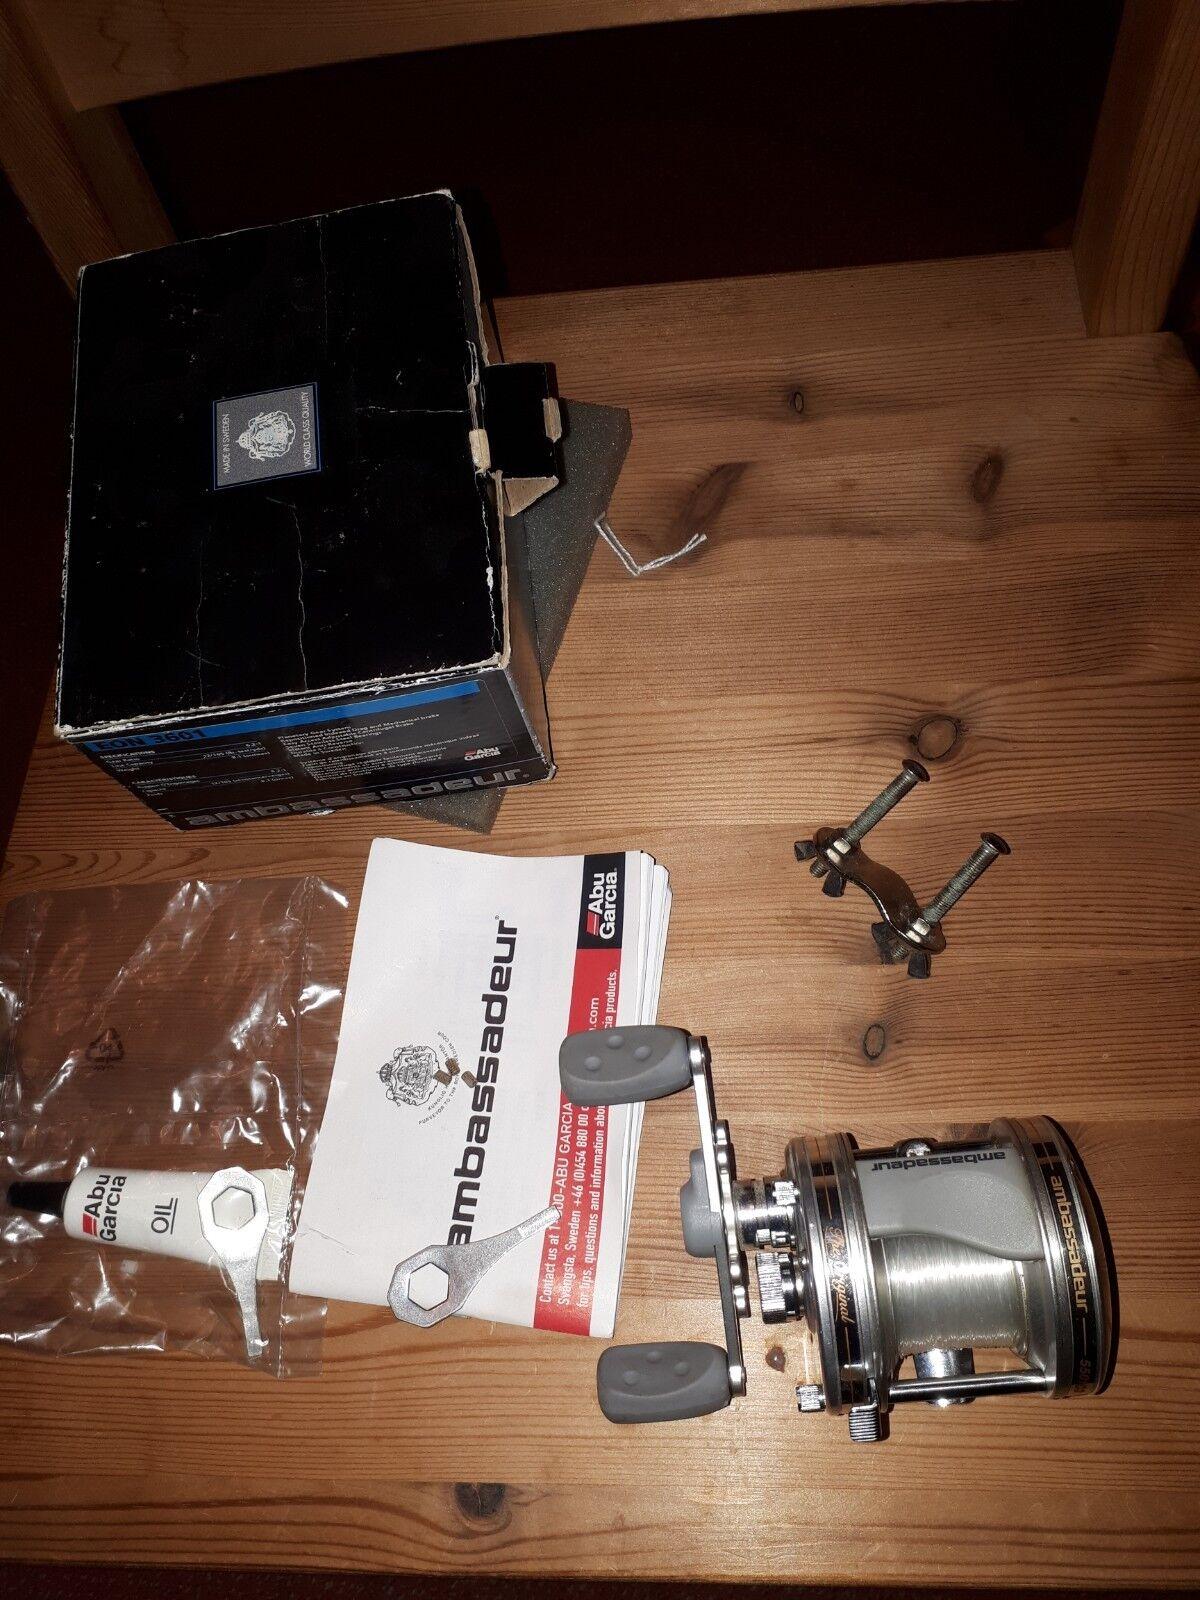 Abu  Ambassadeur 5501 mit Papiere und Werkzeug No.010715 19  quality guaranteed